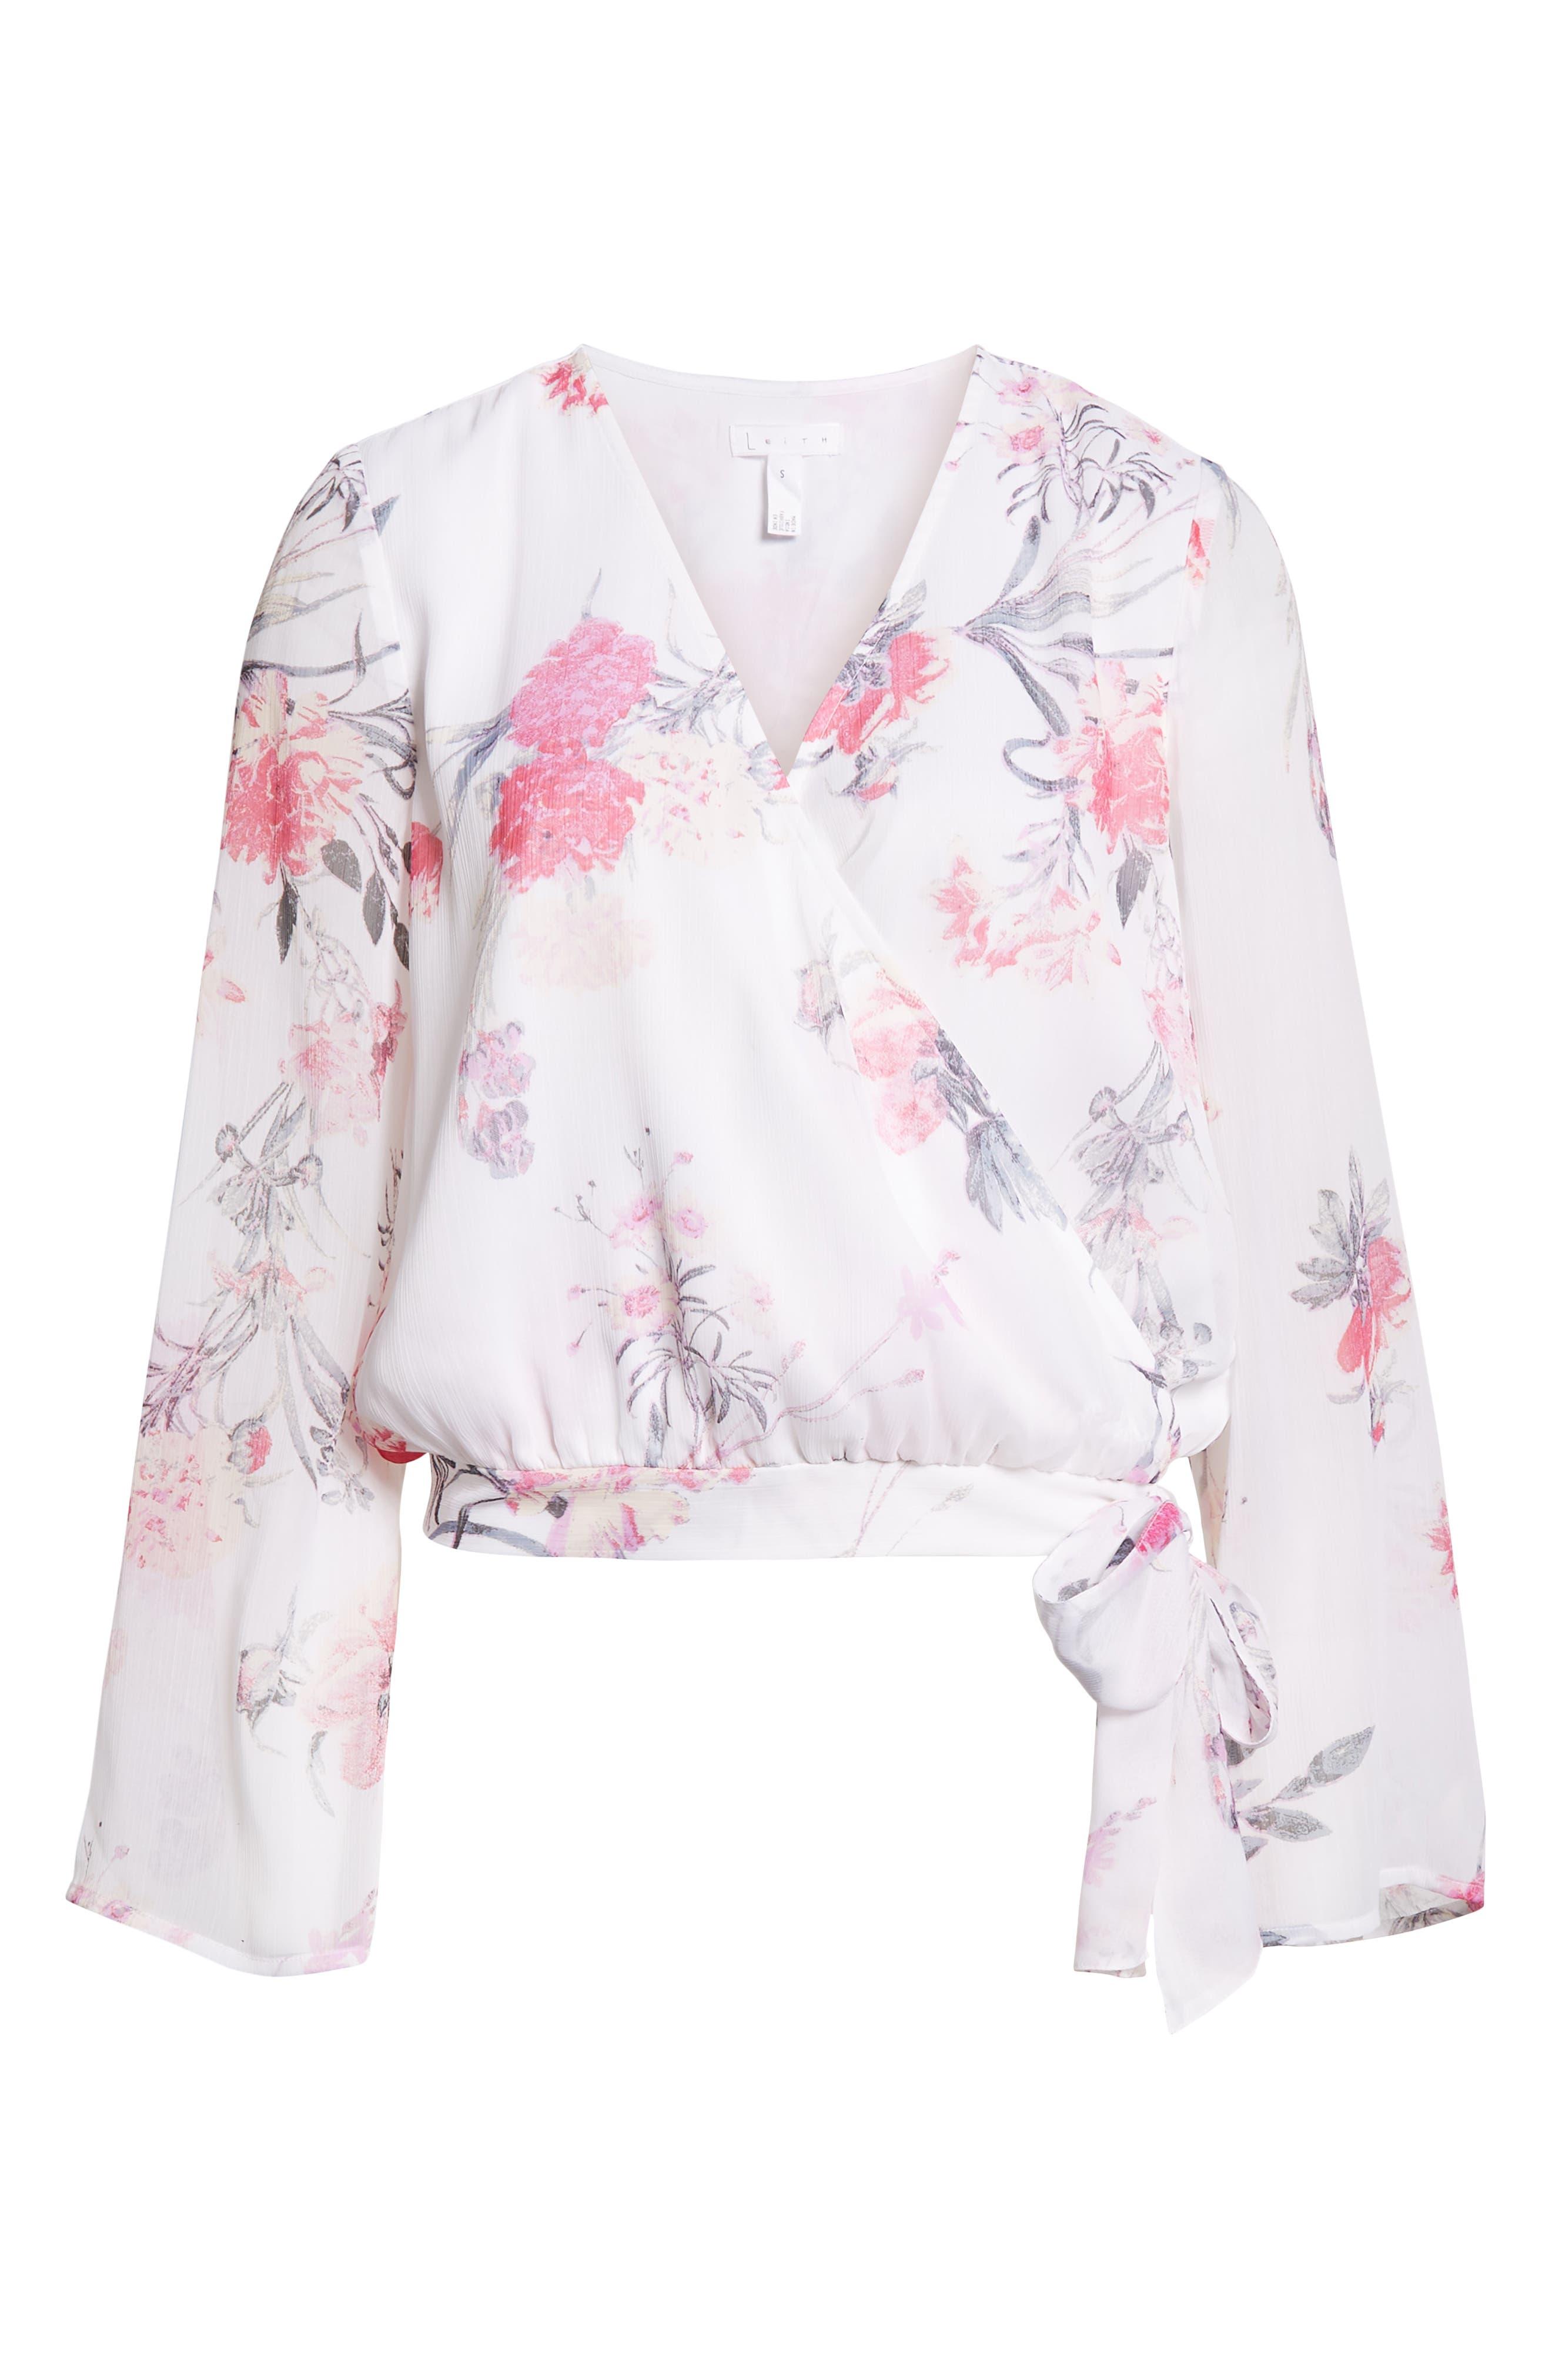 LEITH, Floral Faux Wrap Top, Alternate thumbnail 6, color, WHITE ROMANTIC BLOOMS